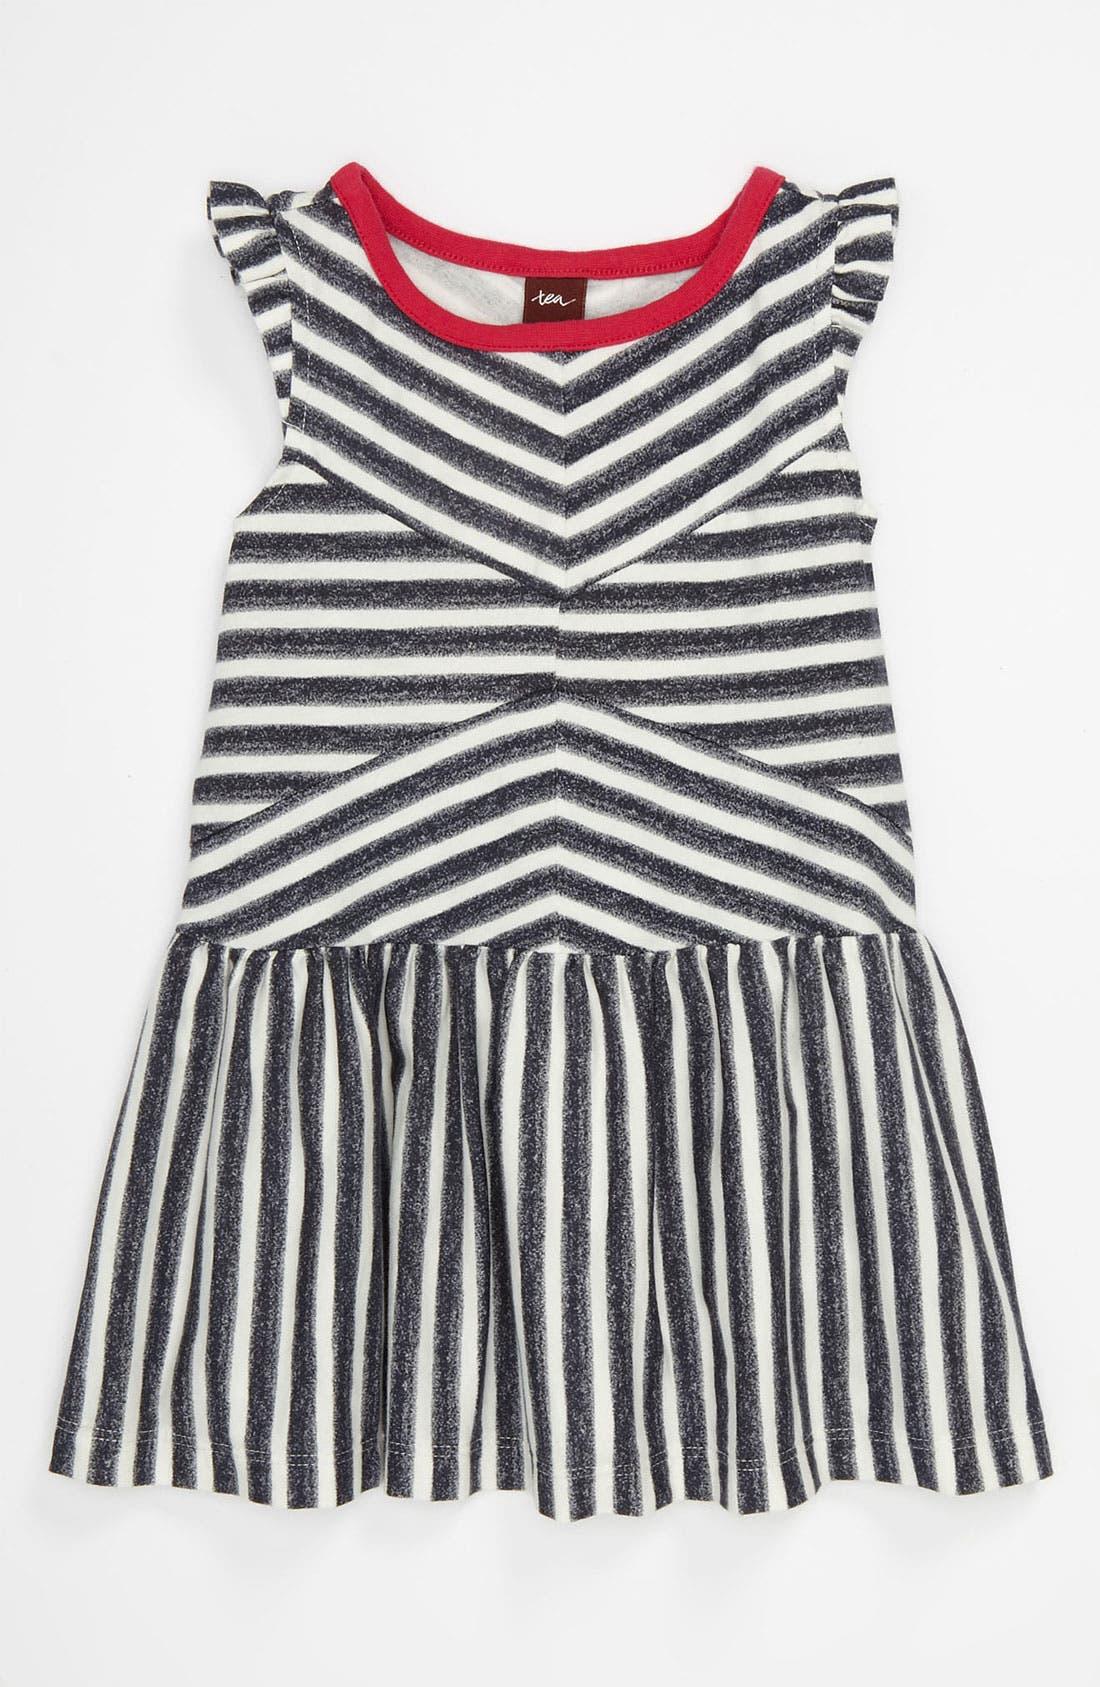 Alternate Image 1 Selected - Tea Collection 'Zebra Stripe' Flutter Dress (Infant)